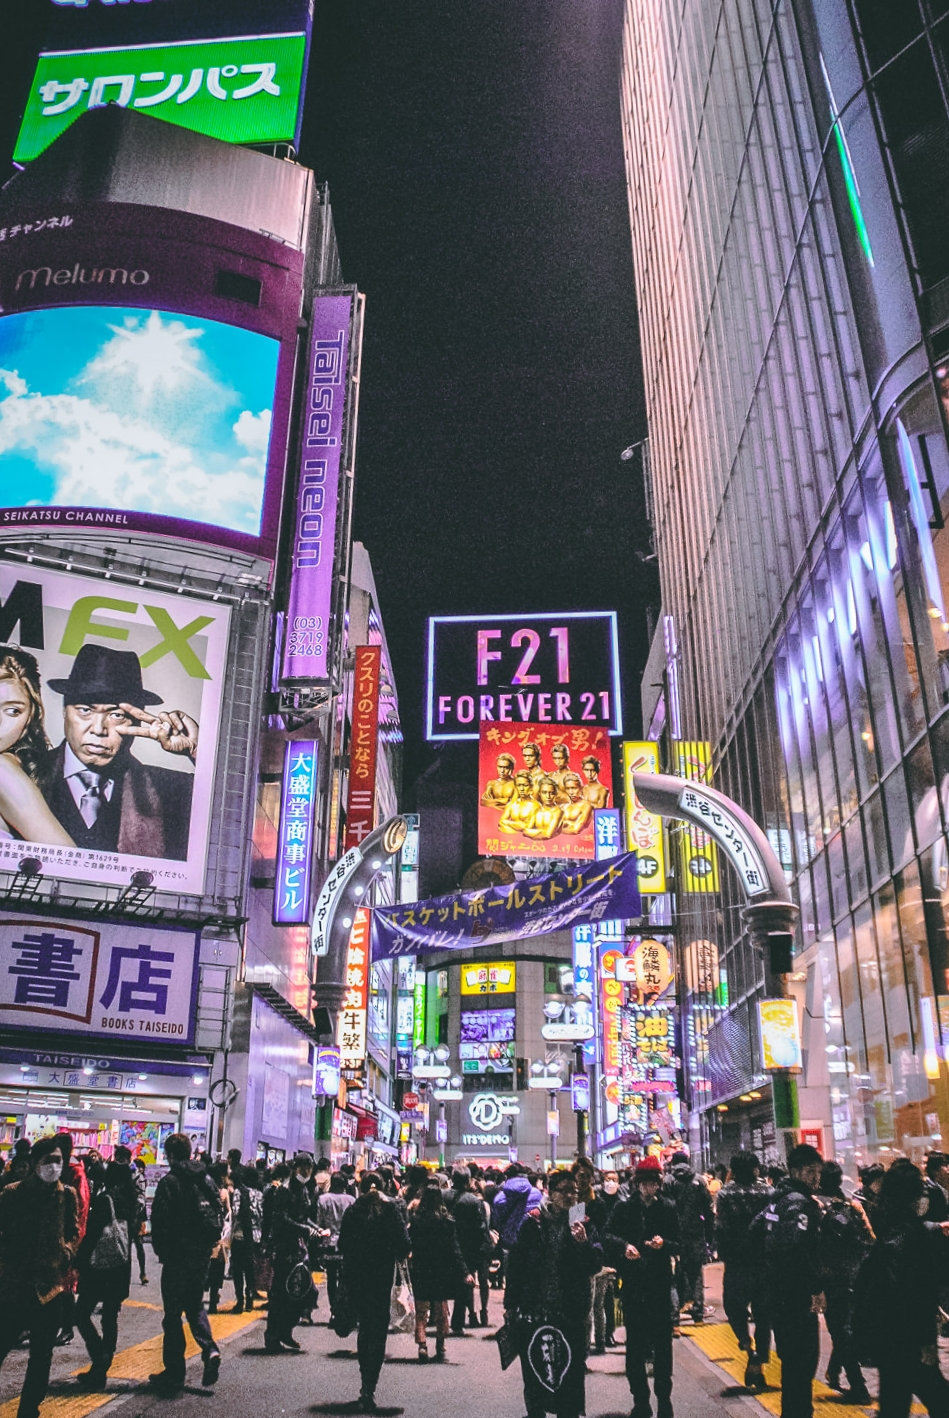 Visiter tokyo une semaine guide par jour par quartier shibuya nuit magasins japon asie blog voyage photographie